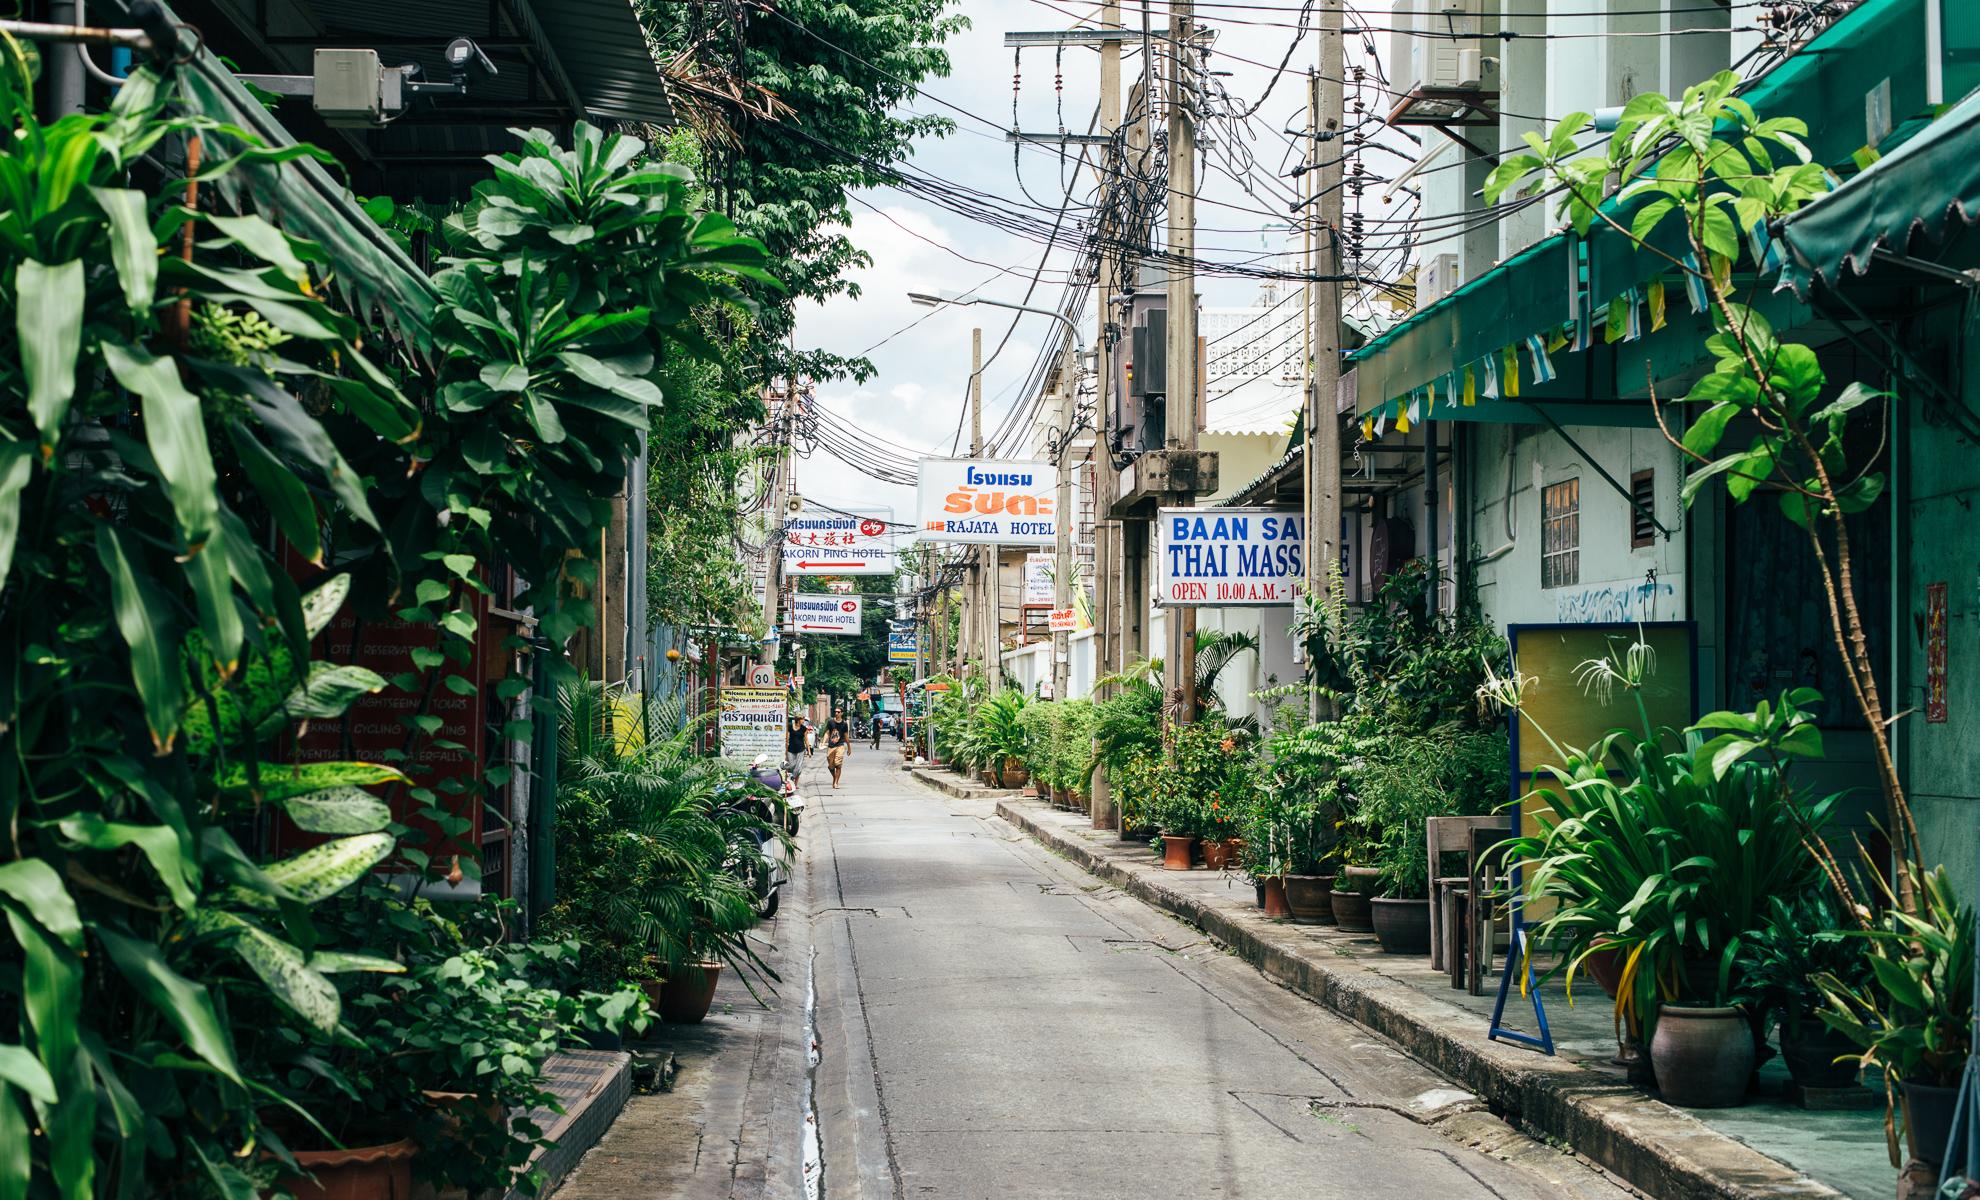 A narrow, tree-lined street